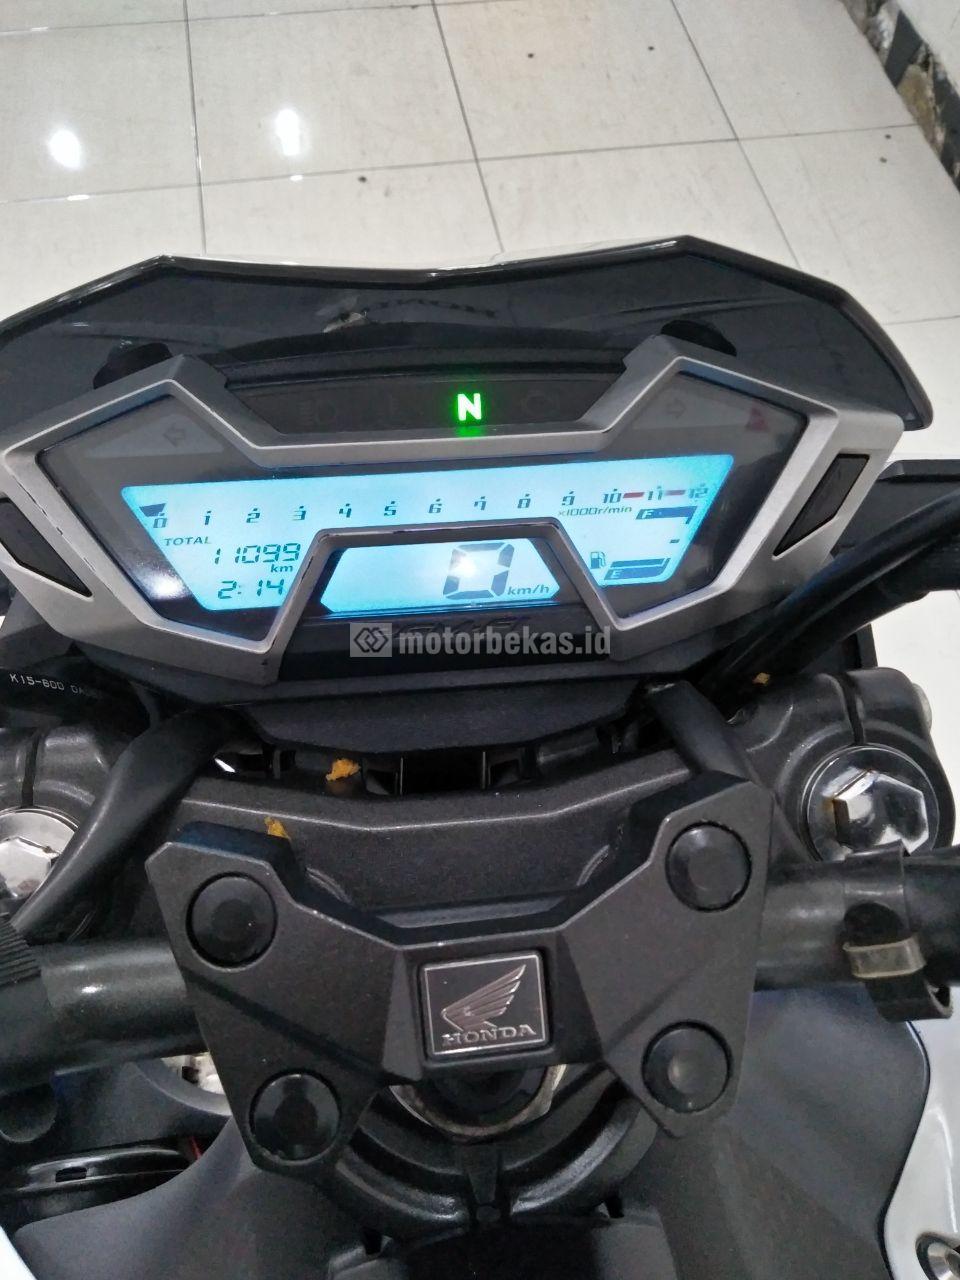 HONDA CB 150 R  3393 motorbekas.id